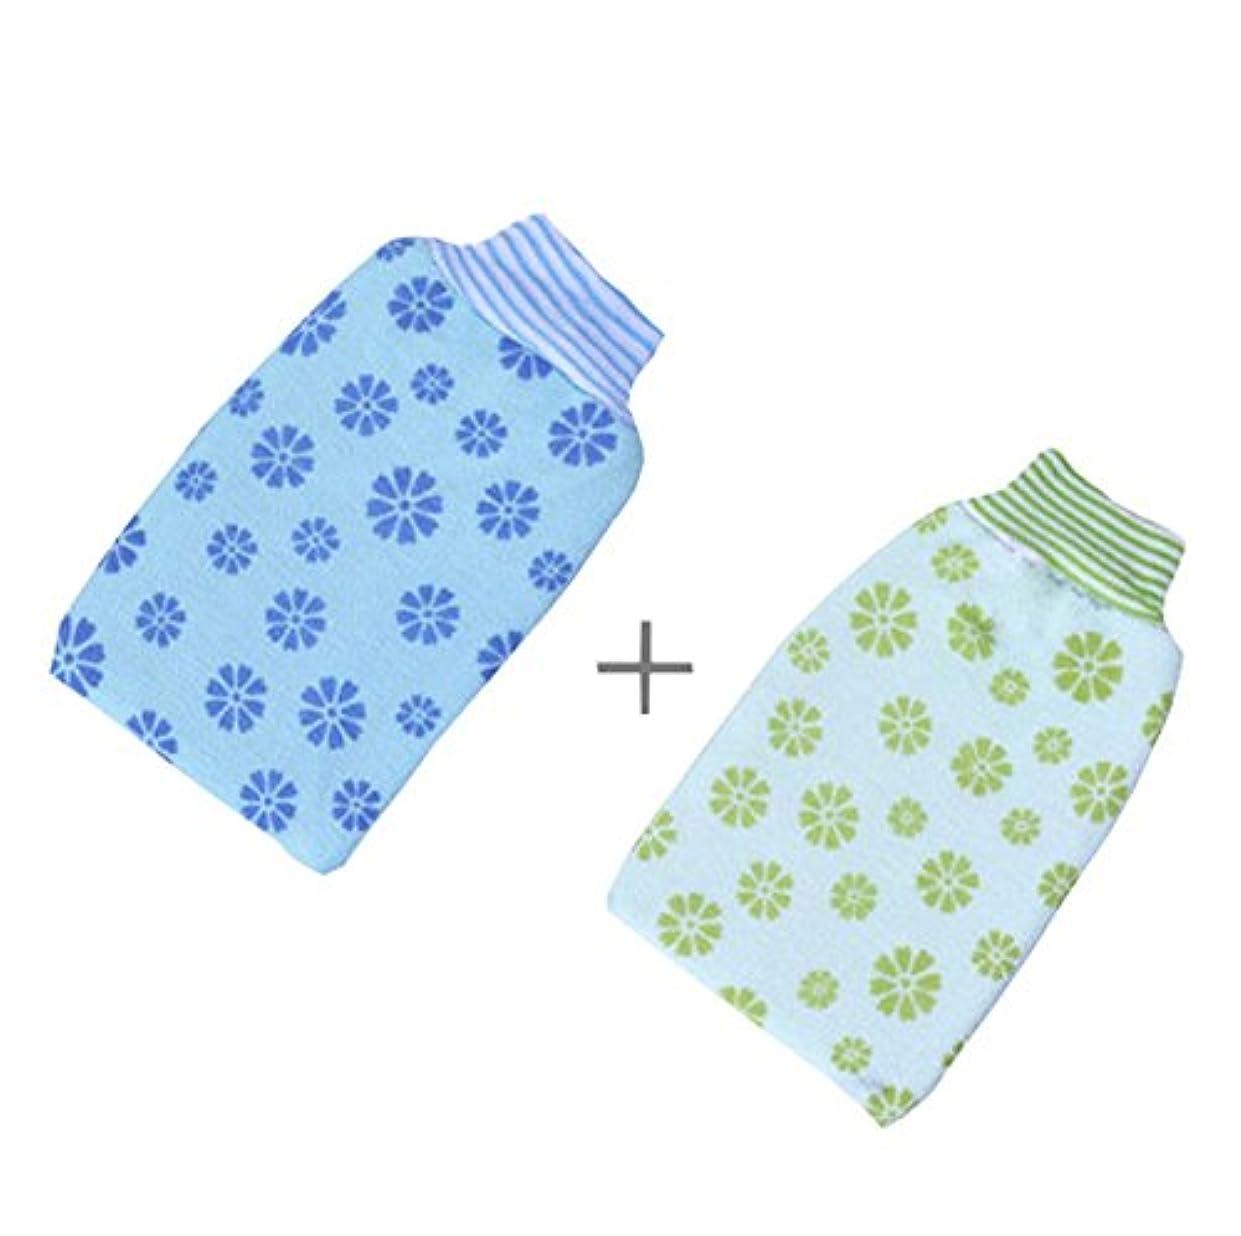 を必要としています対称知っているに立ち寄るバスタオル大人用厚めの両面擦り手袋、印刷